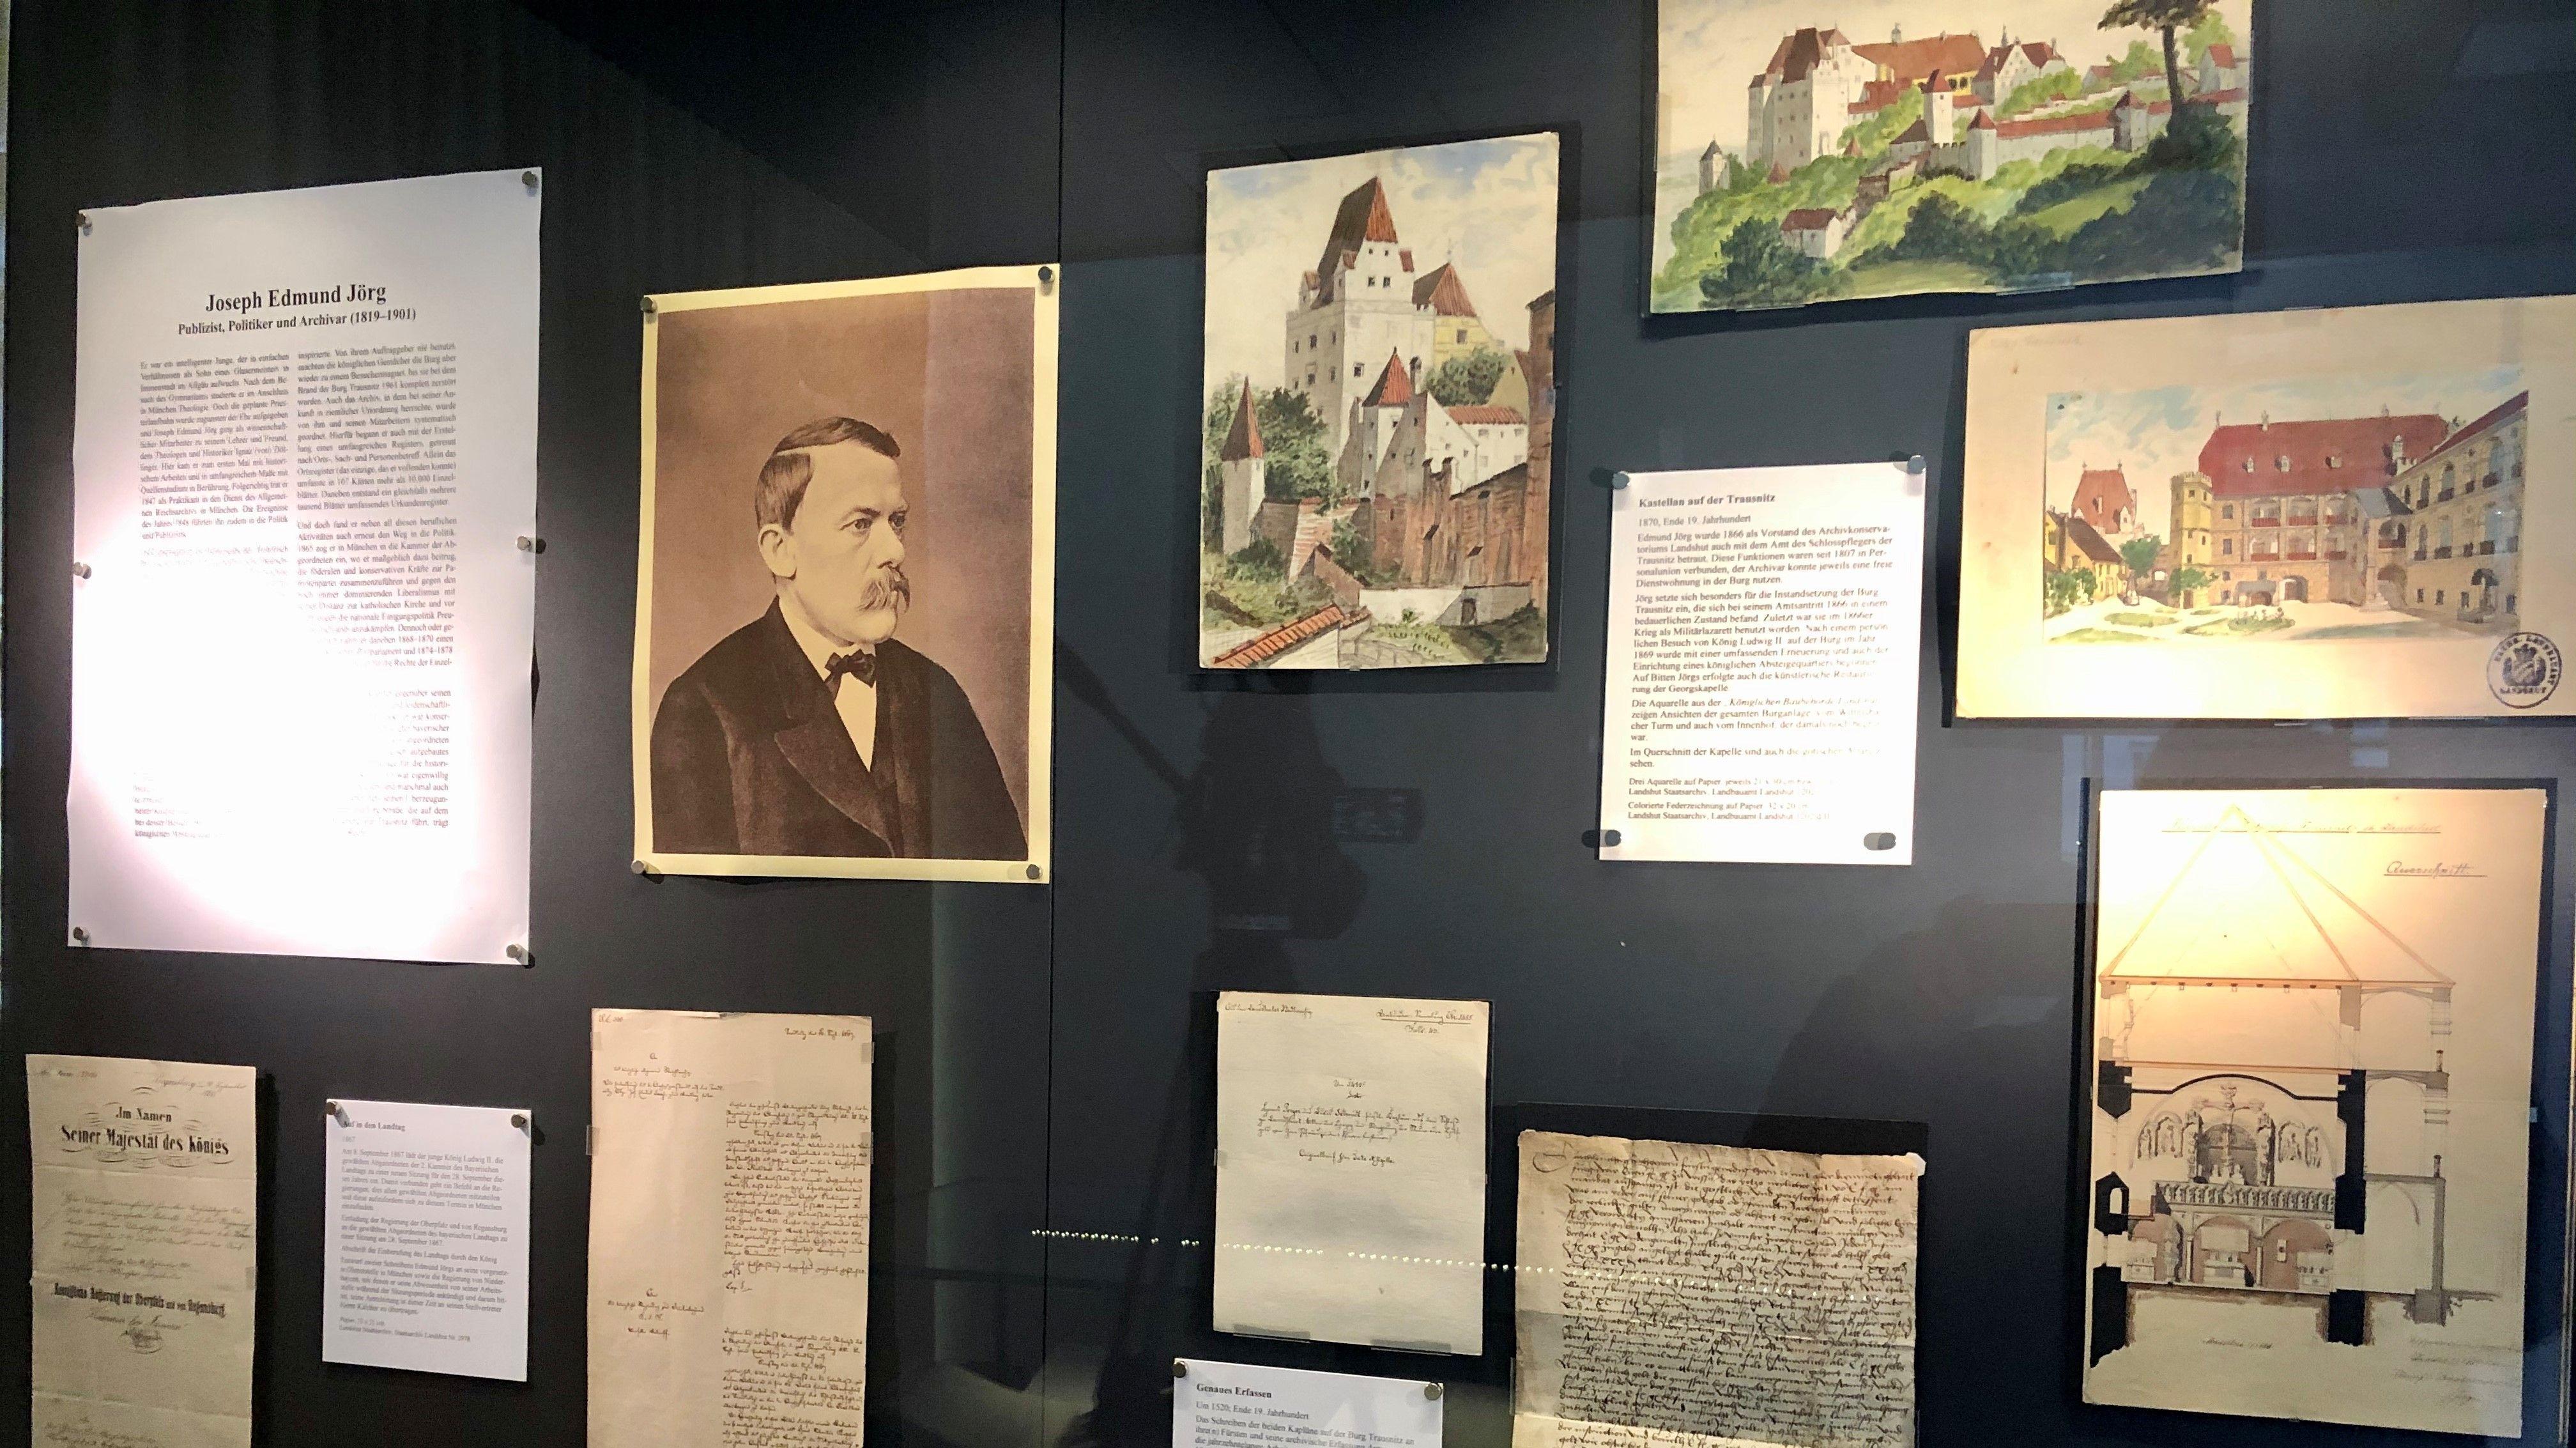 Die Ausstellung zeigt Kommunikation von früher.